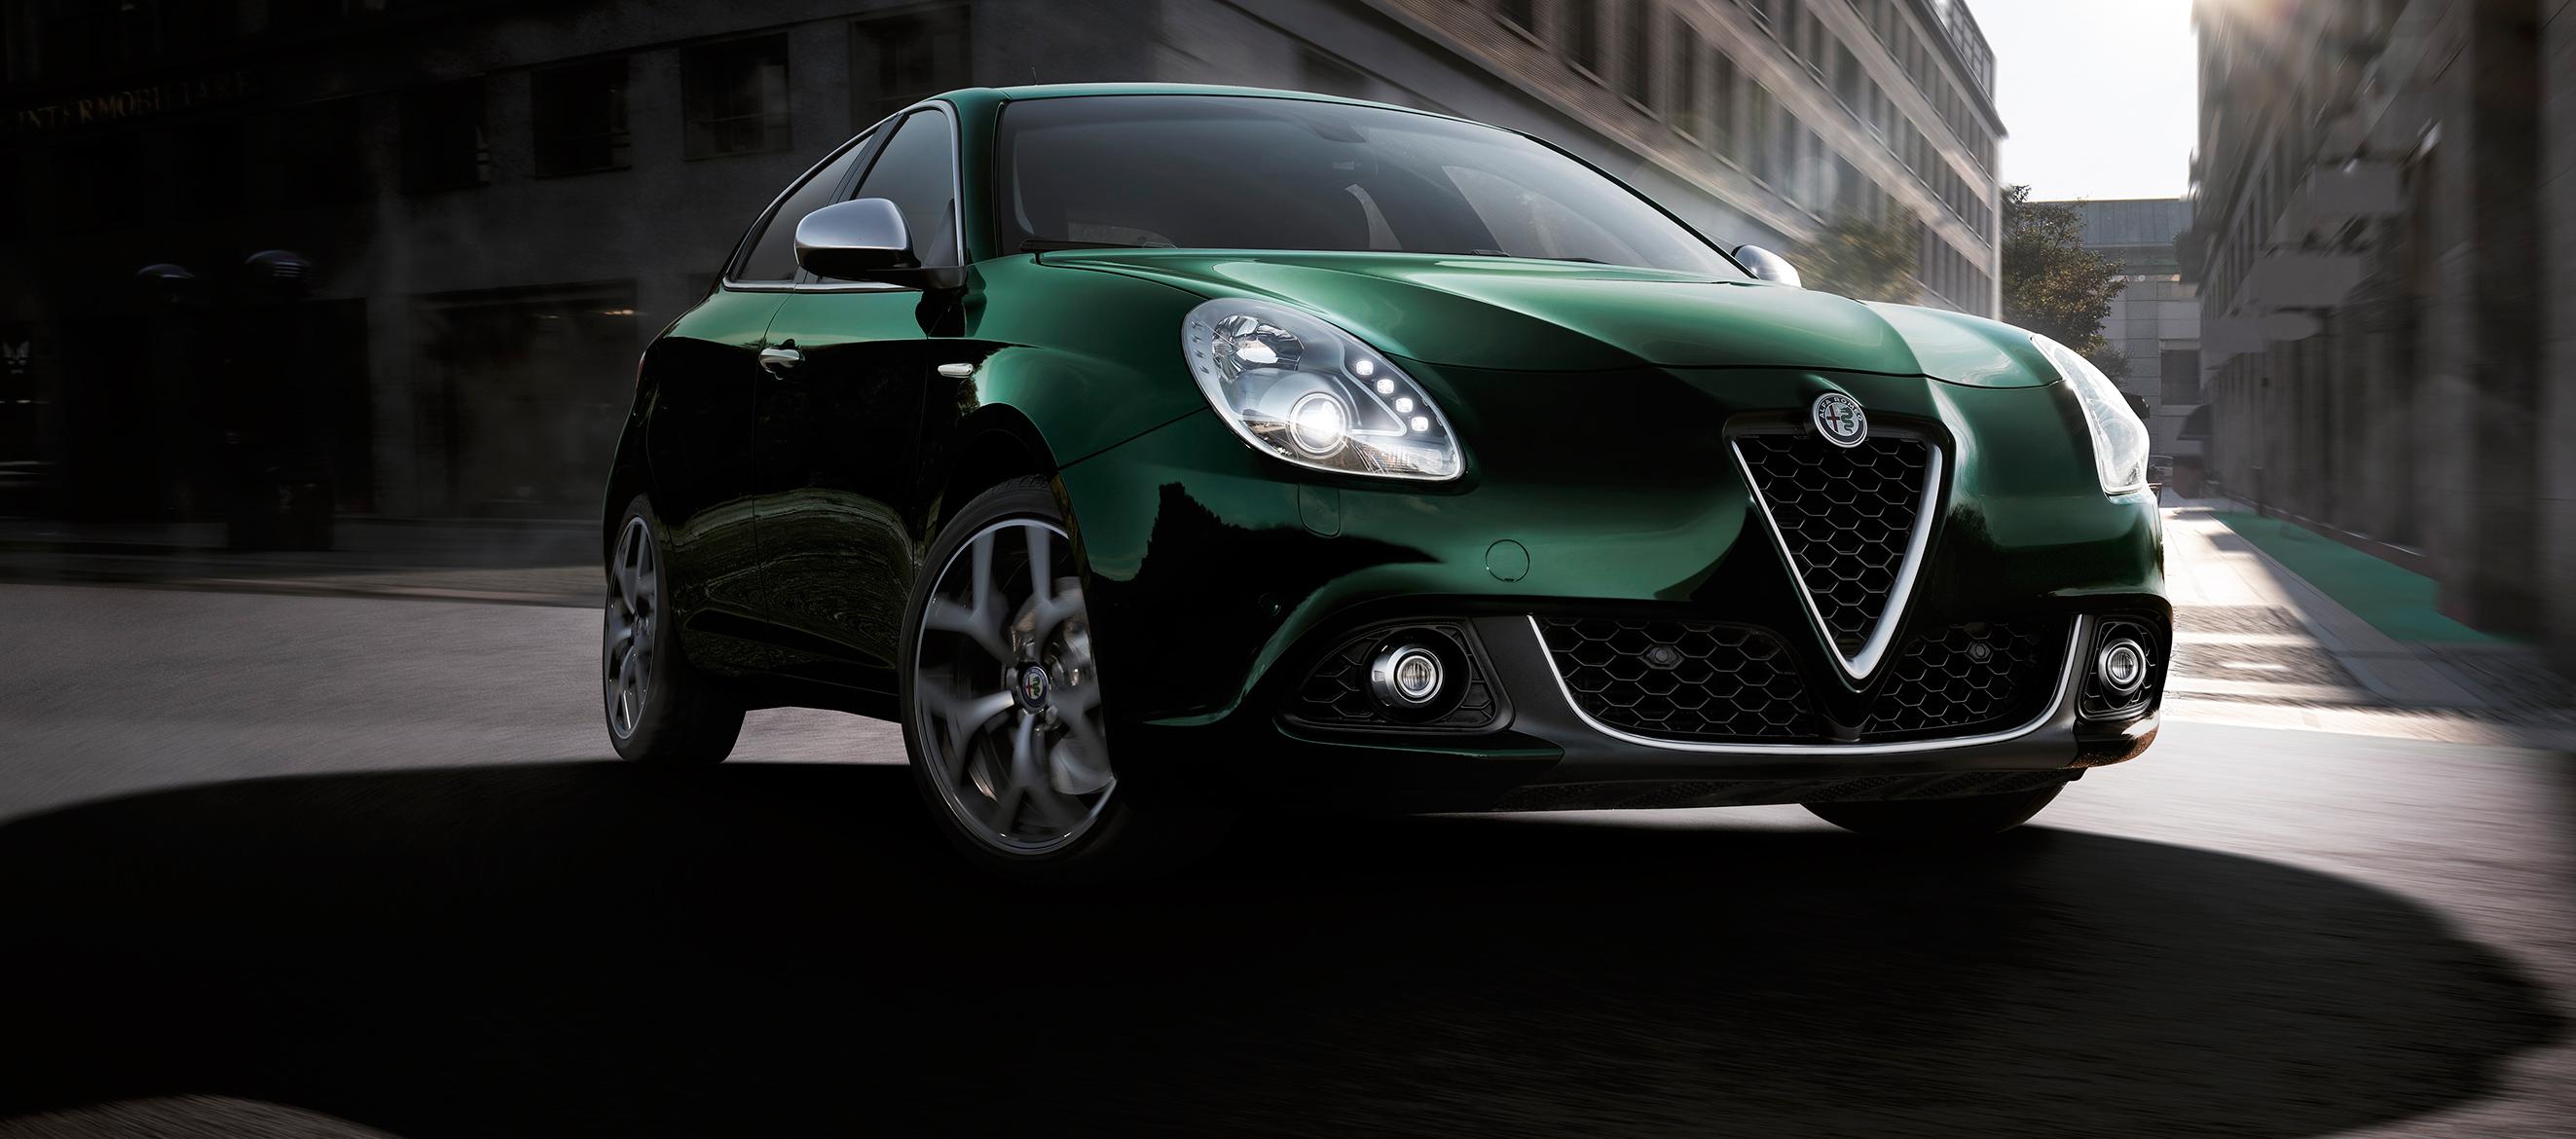 Alfa Romeo Giulietta, lo nuevo de Alfa Romeo en compactos